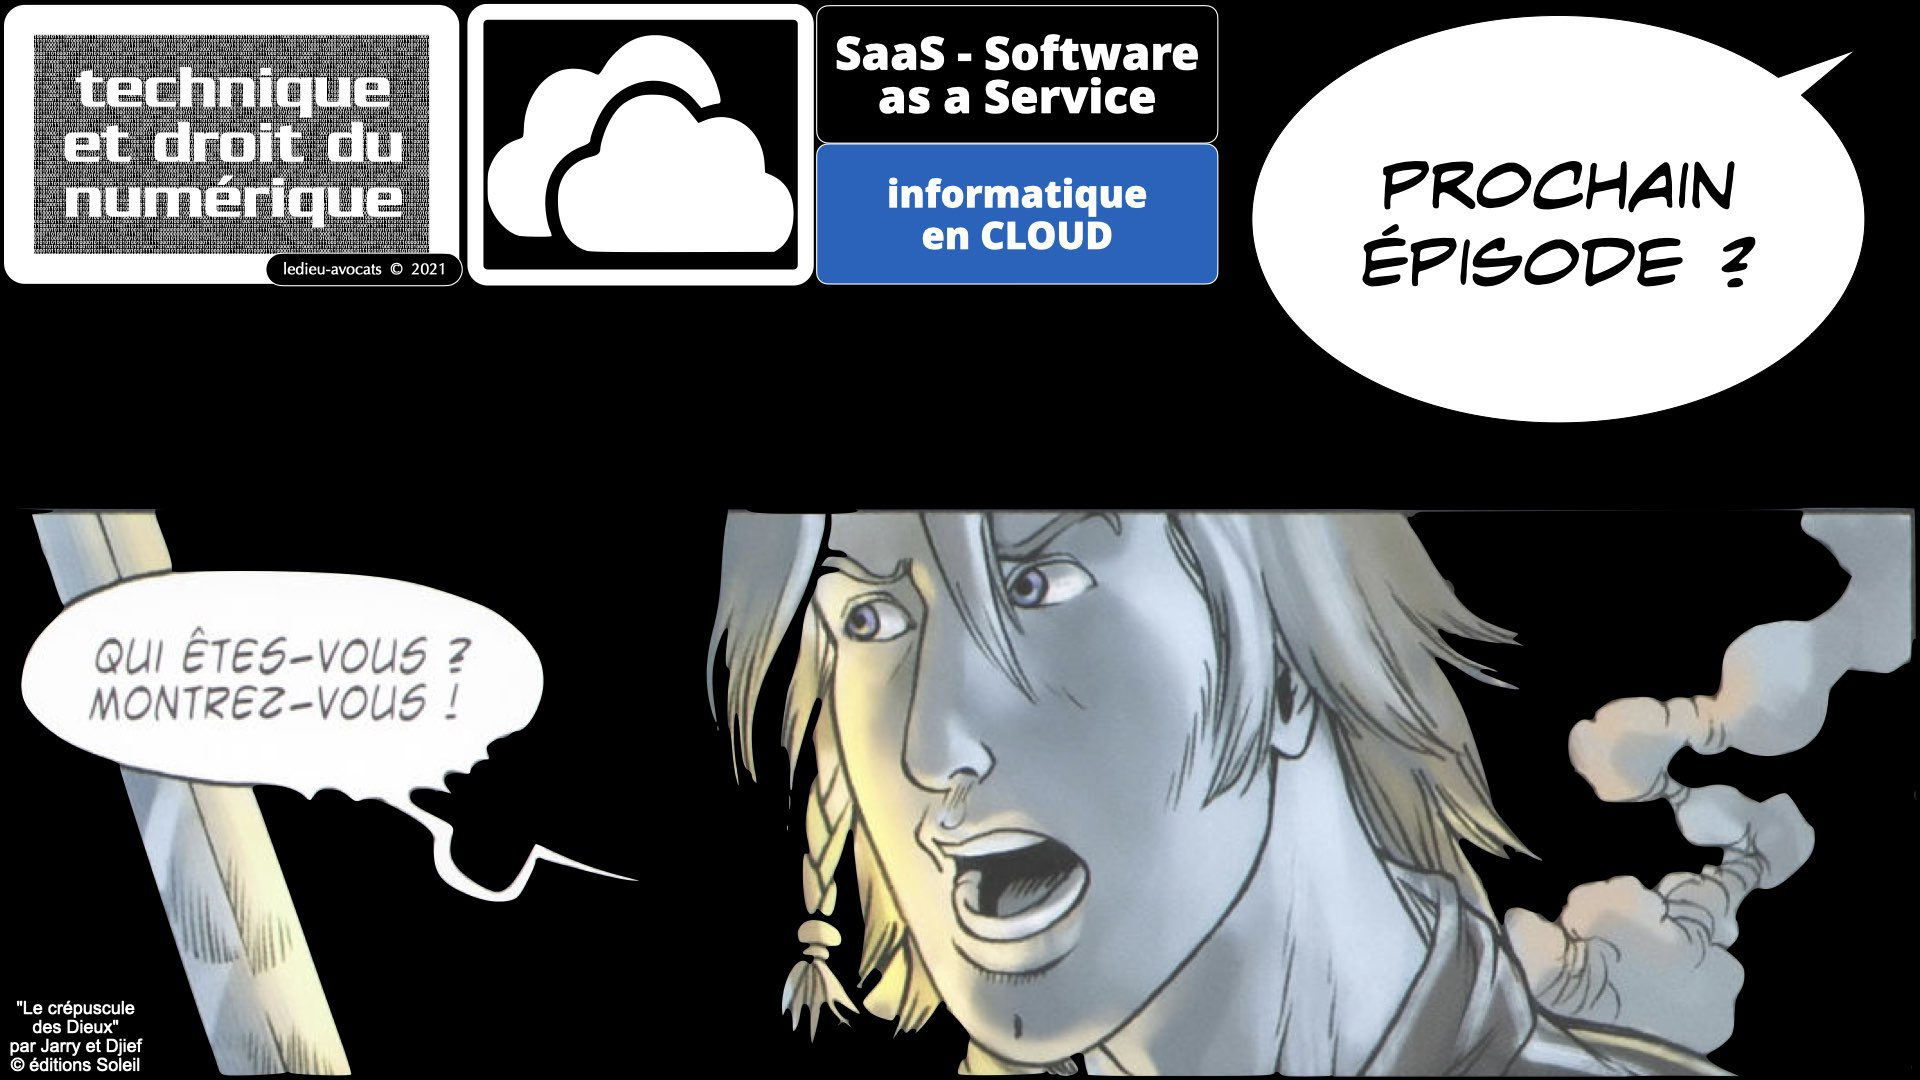 343 service LOGICIEL SaaS Software-as-a-Service cloud computing © Ledieu-Avocats technique droit numerique 30-08-2021.071